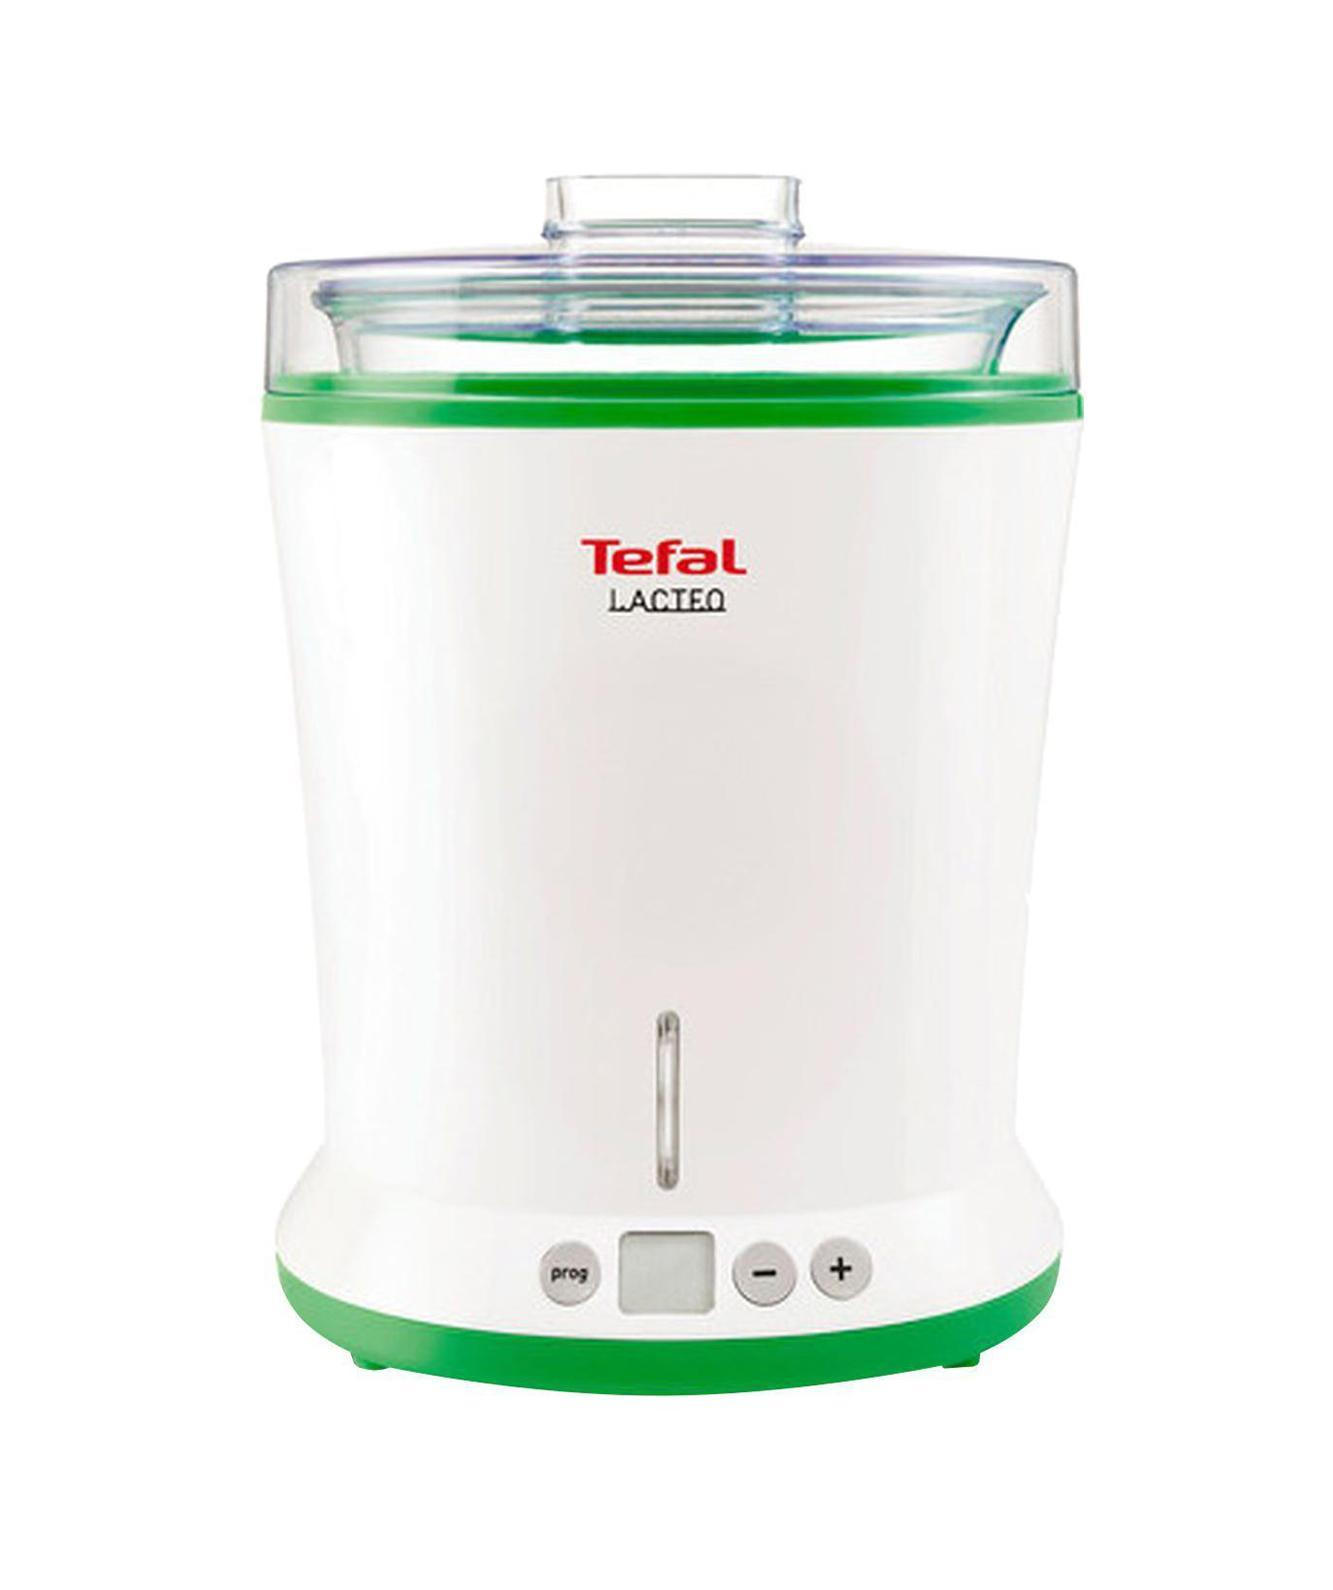 Tefal YG260132 йогуртницаYG260132 БелыйПользу свежего домашнего йогурта сложно переоценить. Подарите себе и близким здоровье: Lacteo от Tefal позаботится о том, чтобы на вашем столе всегда были полезные кисломолочные напитки!Готовить полезные продукты самой очень просто: смешайте молоко с закваской и оставьте их ферментироваться в Lacteo на 6-12 часов. Вы можете использовать в качестве основы натуральный йогурт или кефир либо специальную лиофилизированную закваску из любой аптеки. Следить за йогуртницей во время приготовления необязательно: когда программа завершится, прибор отключится автоматически.